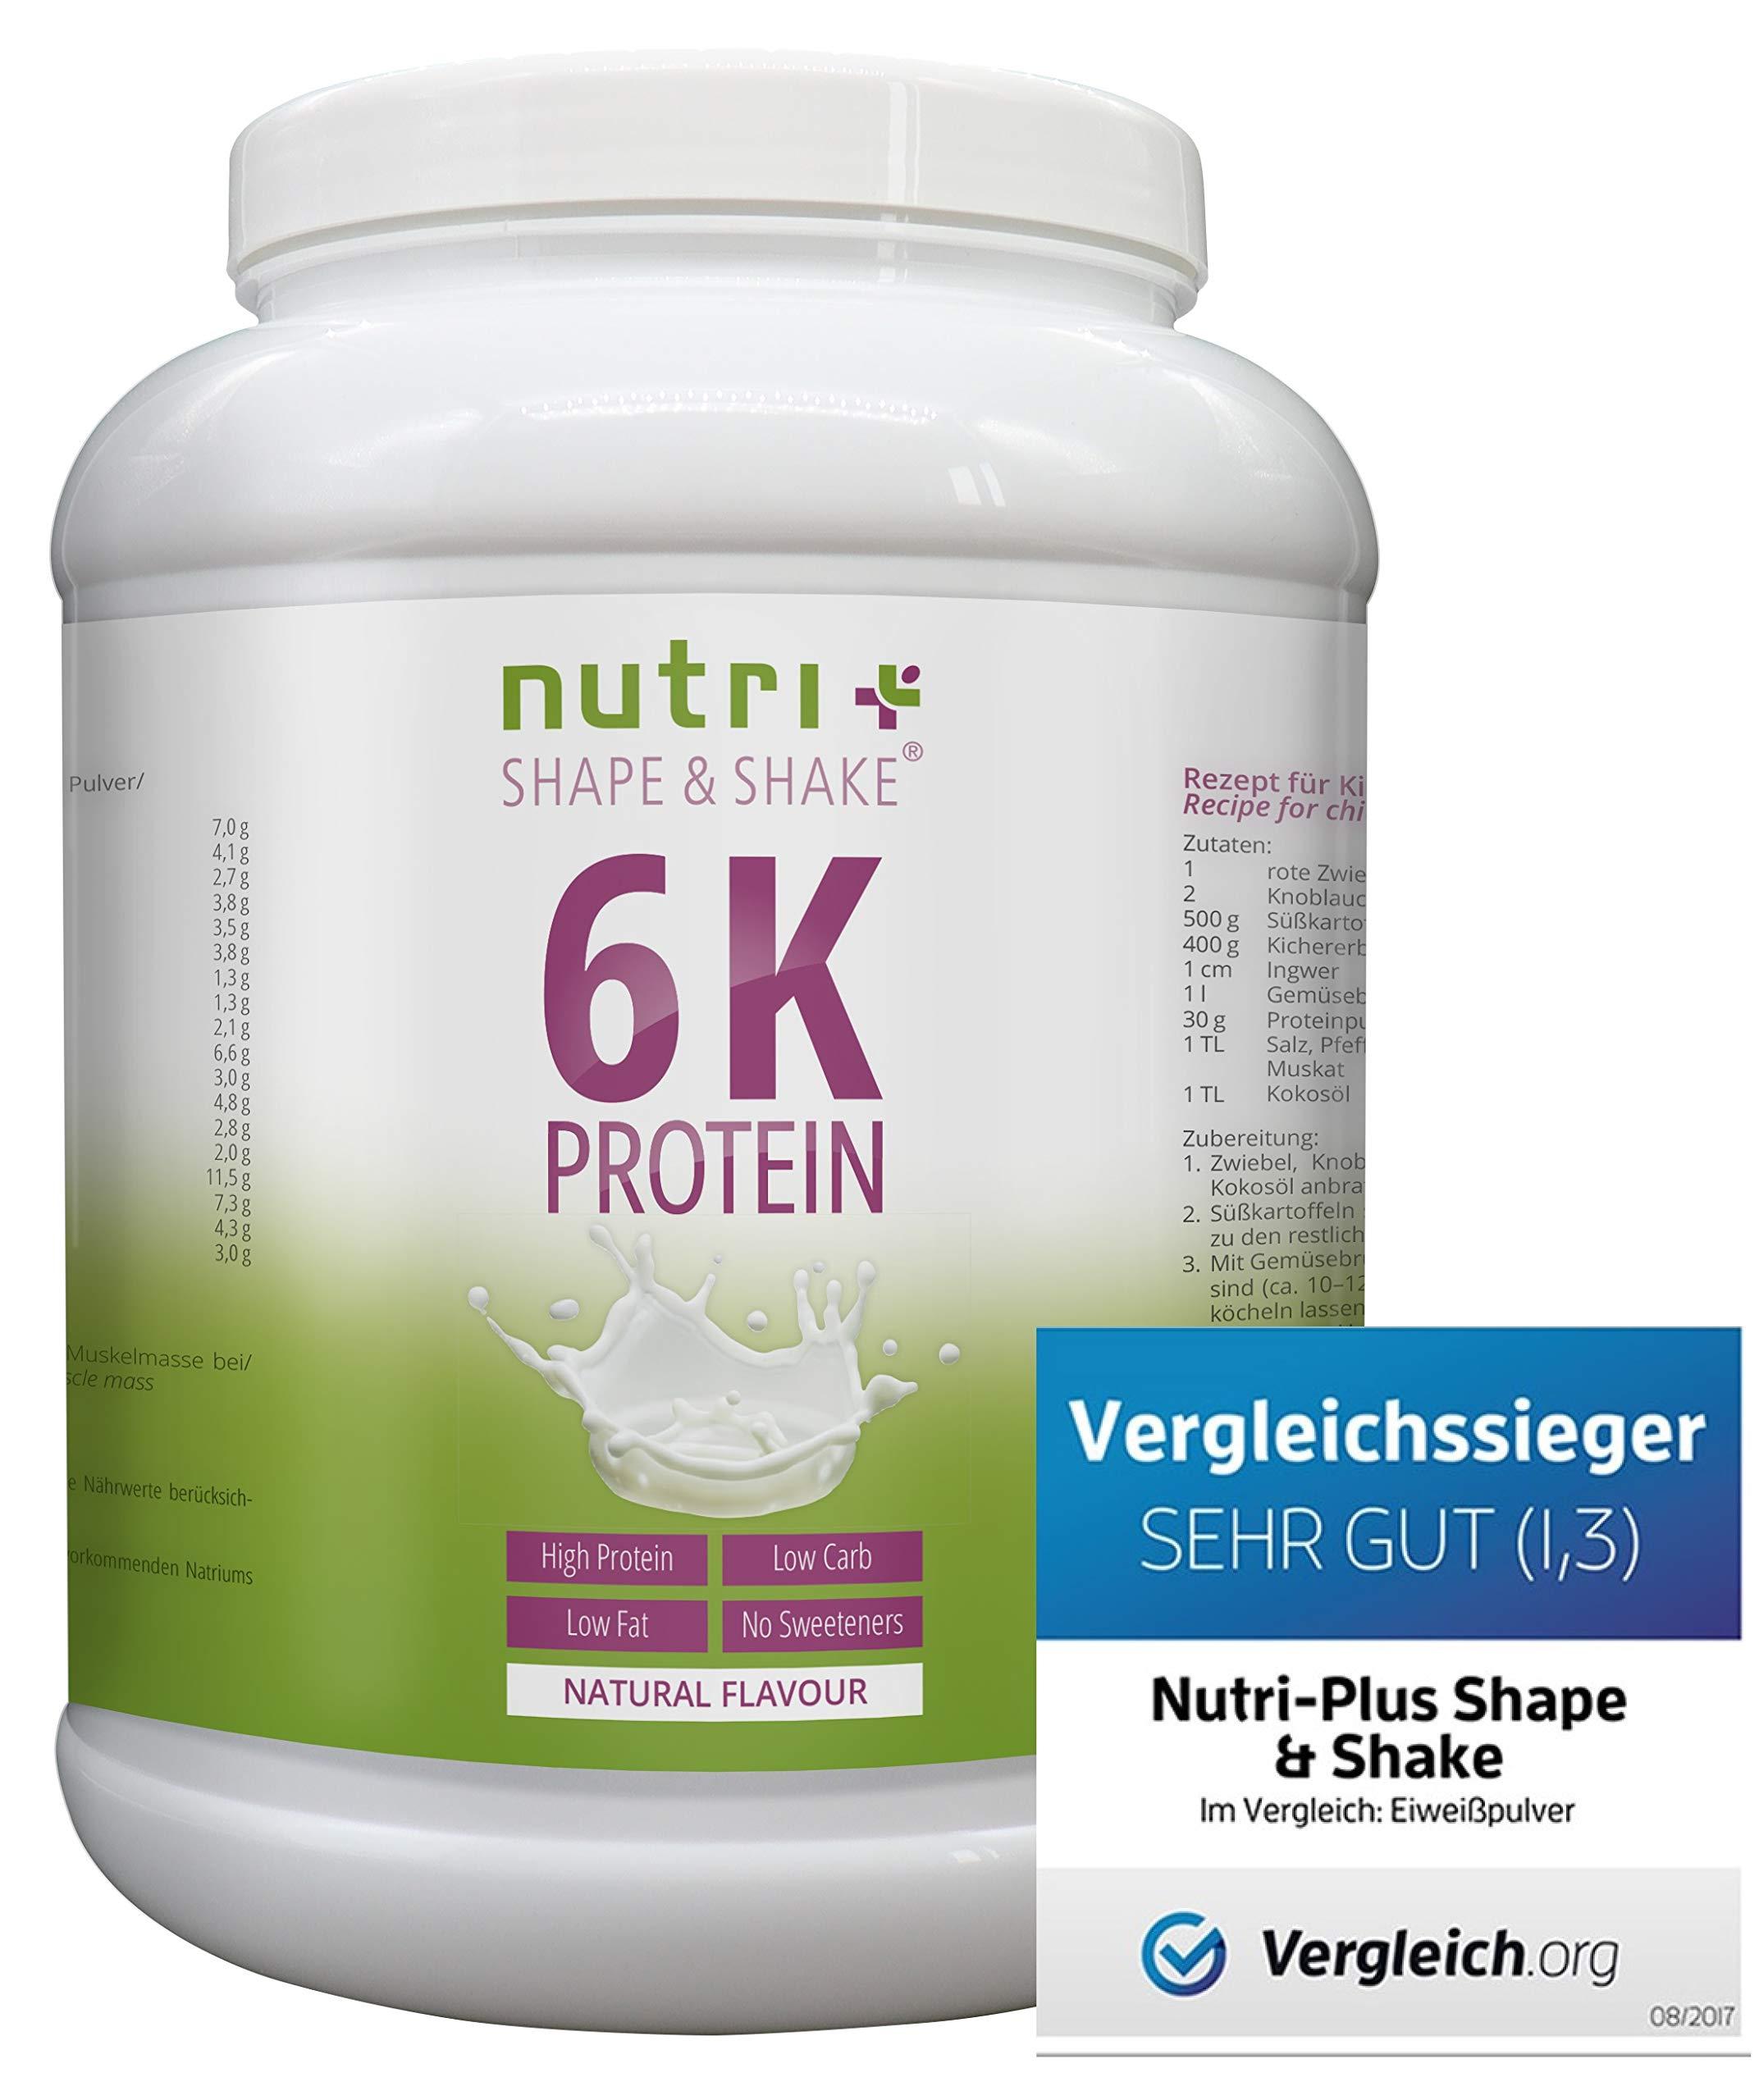 Nutri-Plus Shape & Shake 1kg – Aspartamfreier Eiweißshake – Mit Whey + Casein – Dose inkl. Dosierlöffel